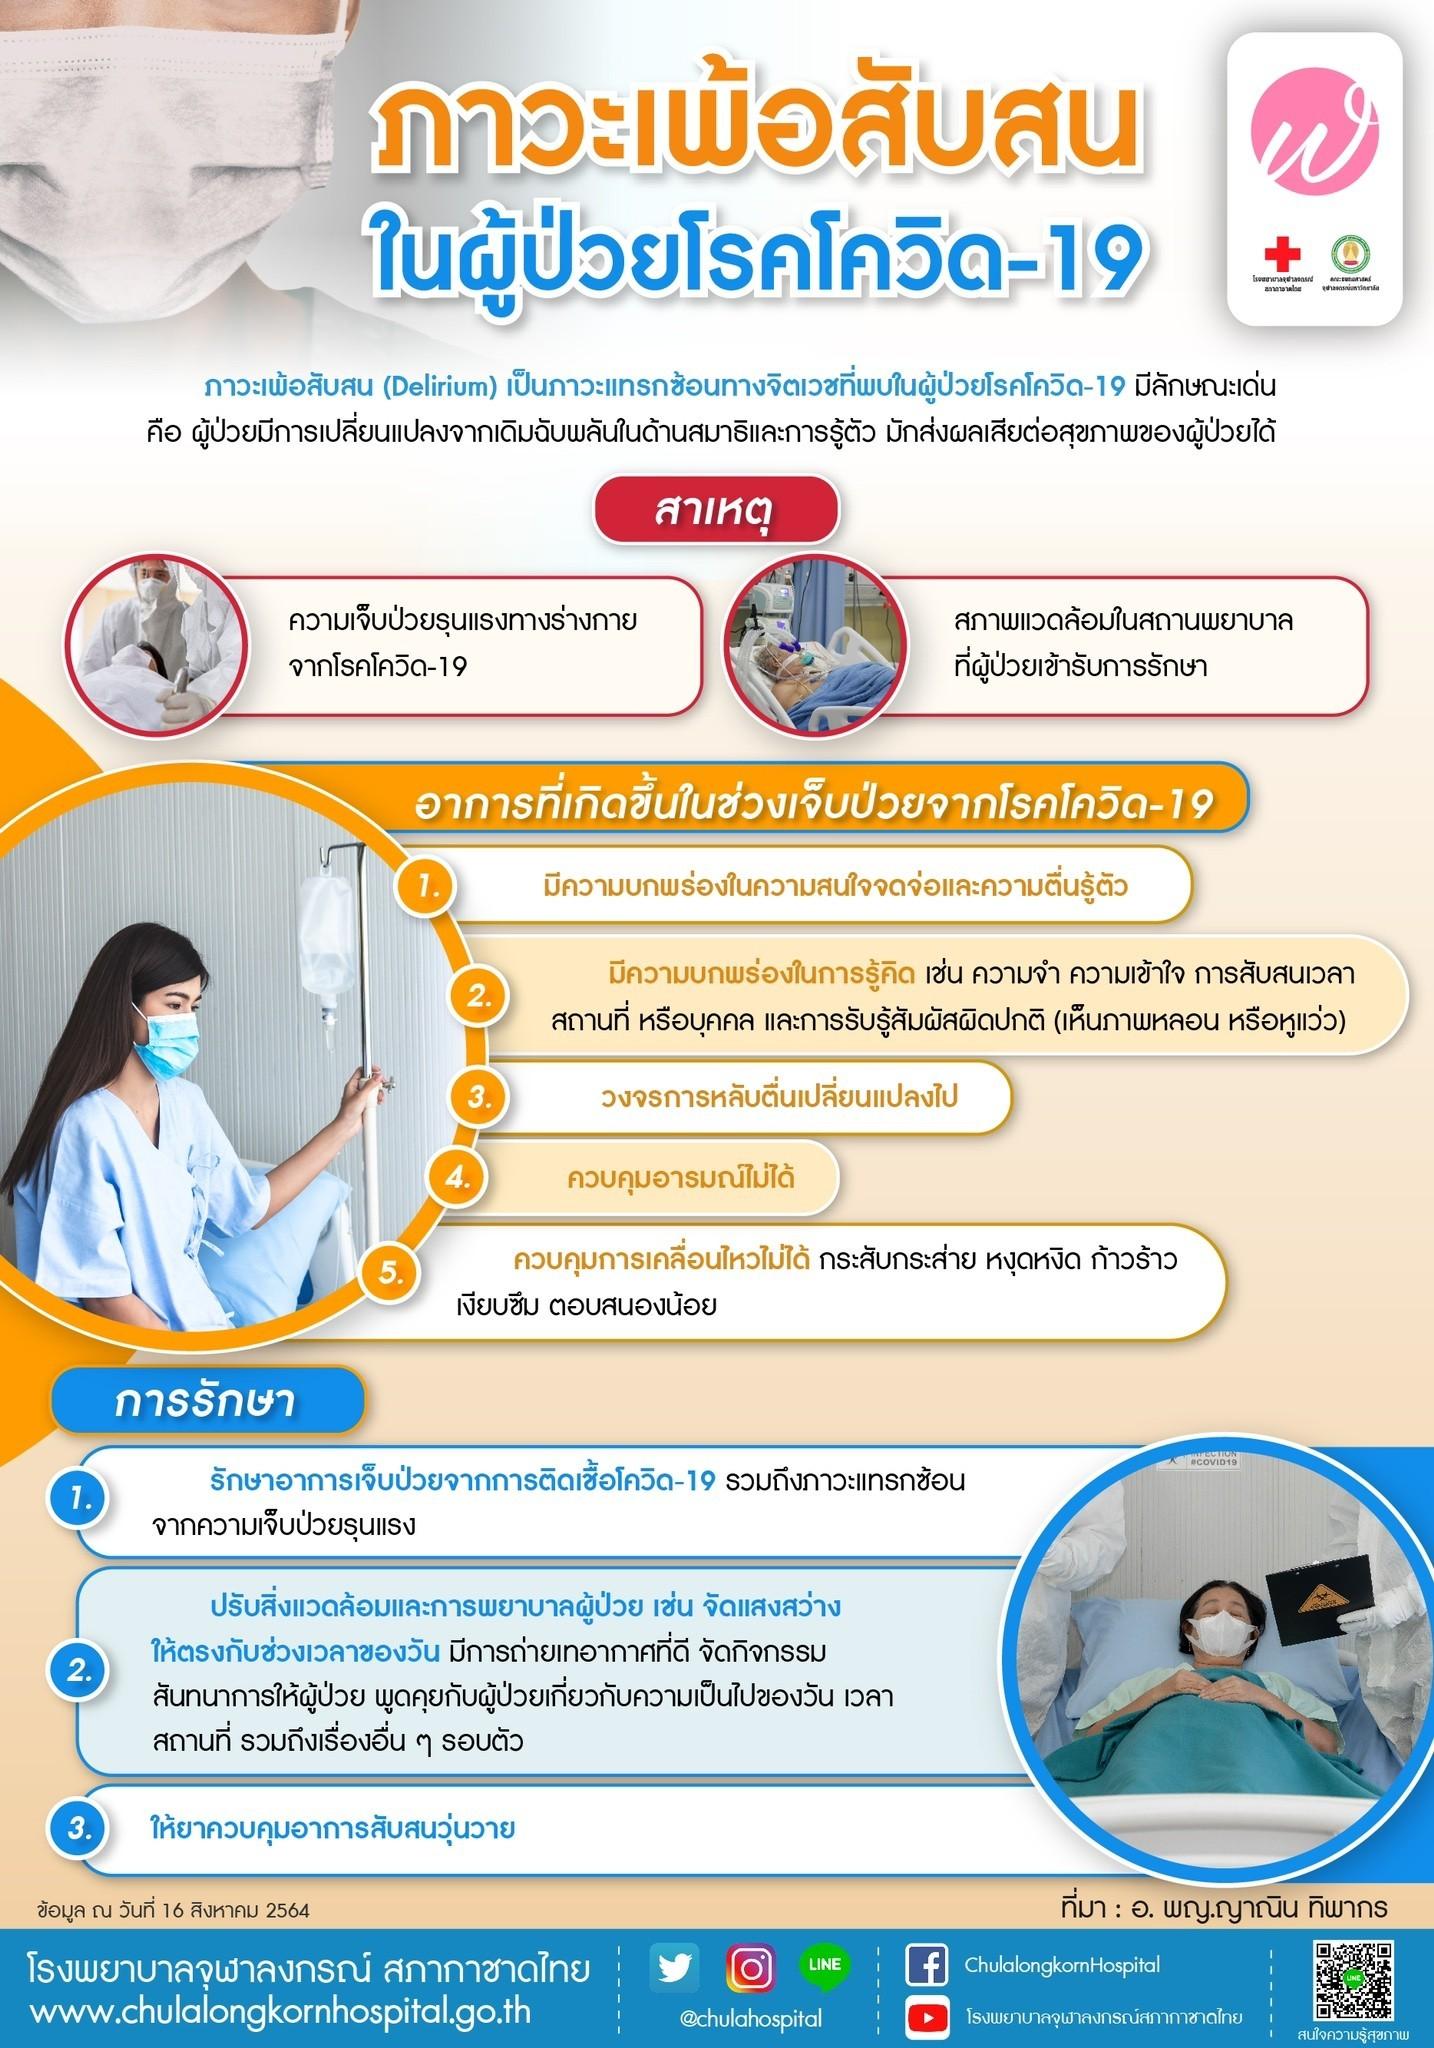 ภาวะเพ้อสับสนในผู้ป่วยโรคโควิด-19